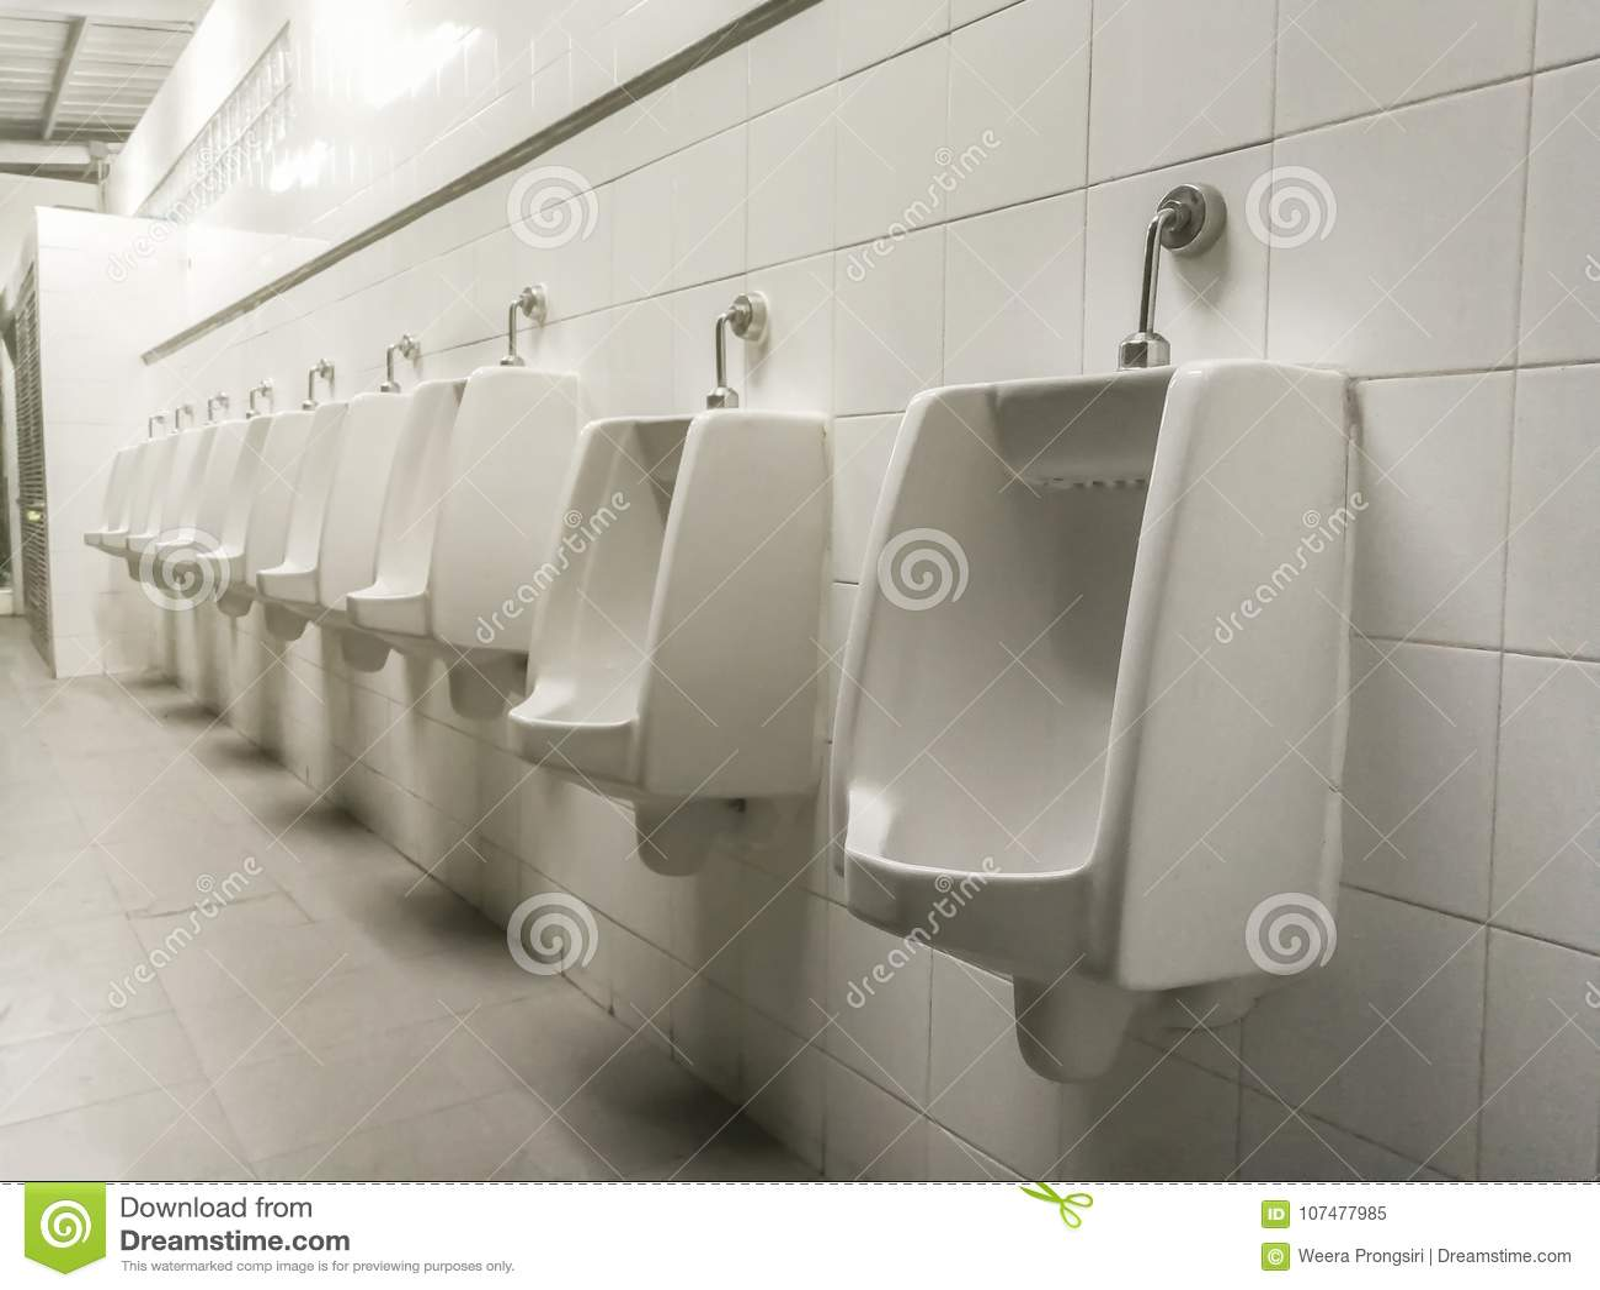 Salle De Bain Urinoir ~ toilette urinoir salle de bains bangkok tha lande image stock